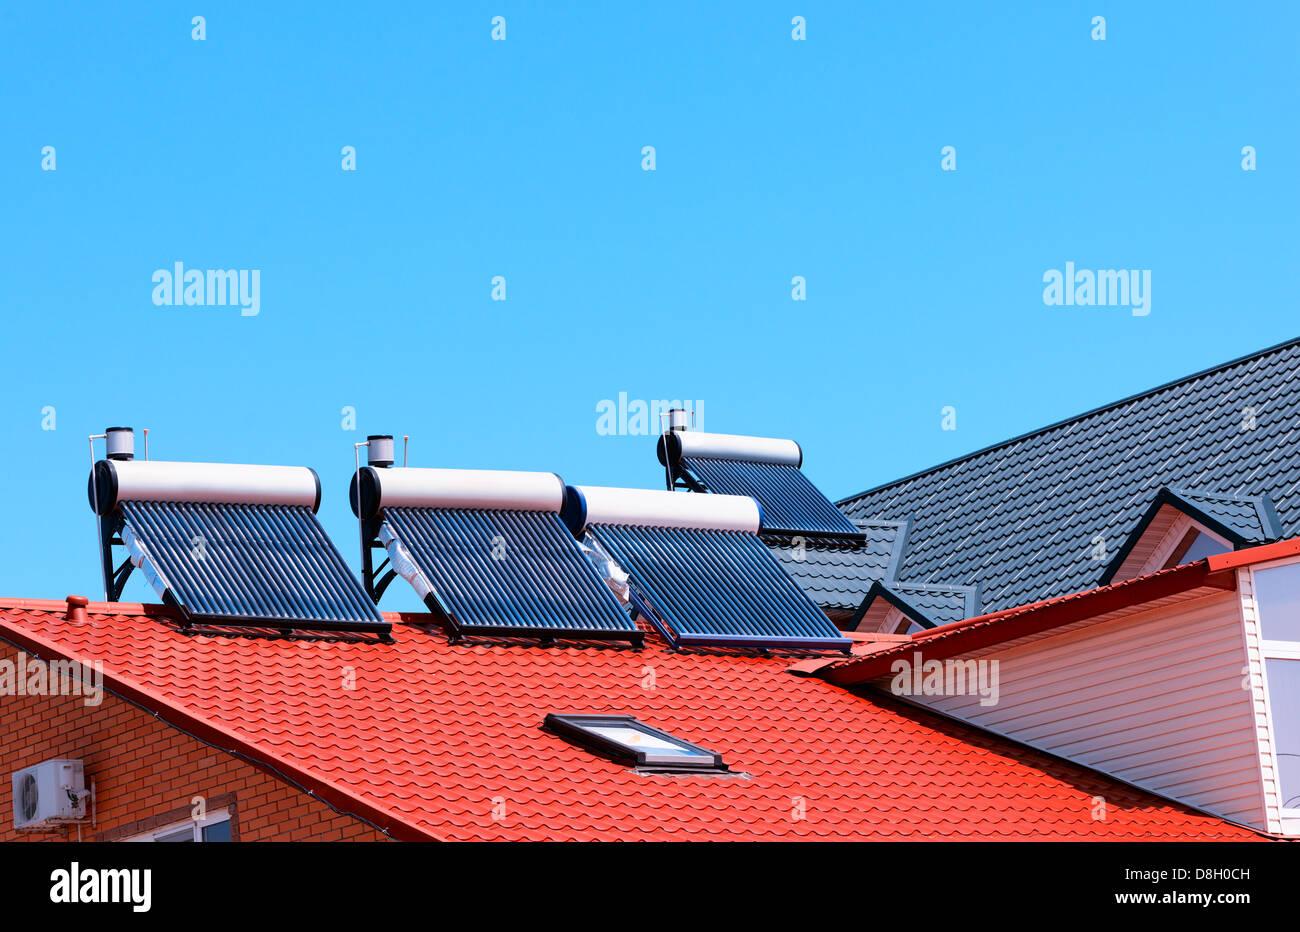 Contemporaneo di acqua calda pannelli su una casa Immagini Stock